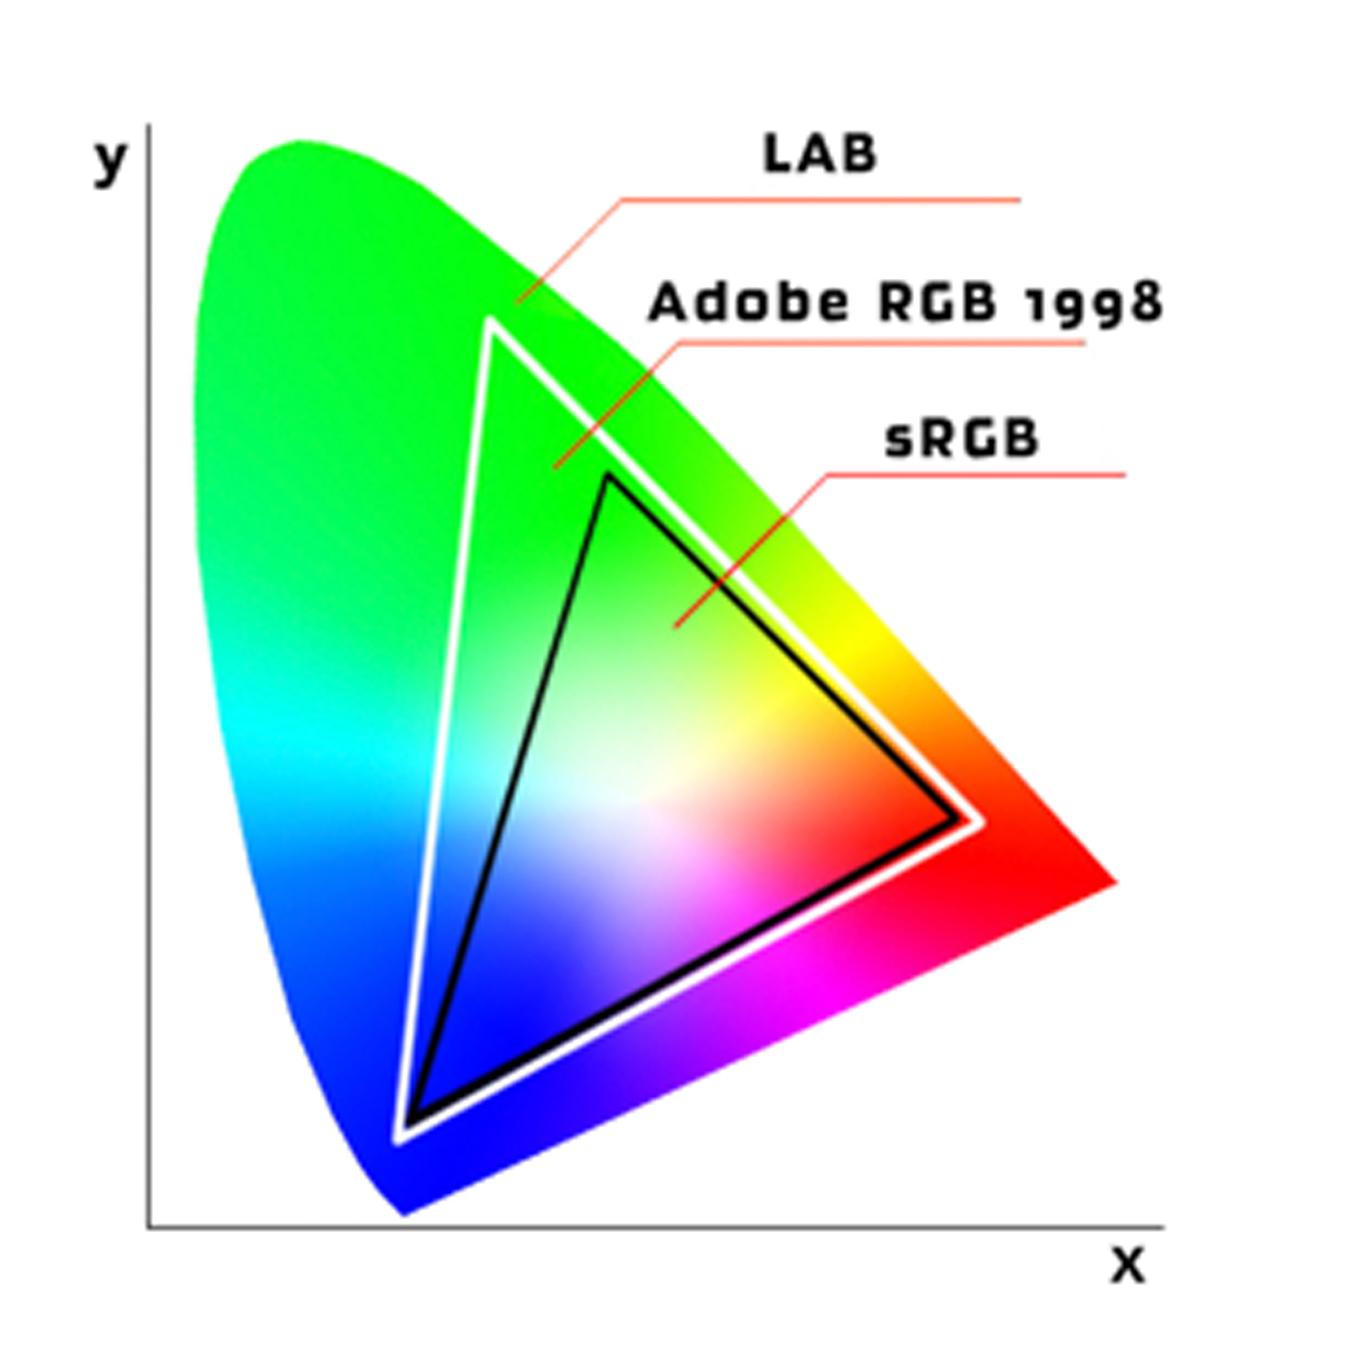 مفاهیم پایه رنگ - مدل رنگ Adobe RGB